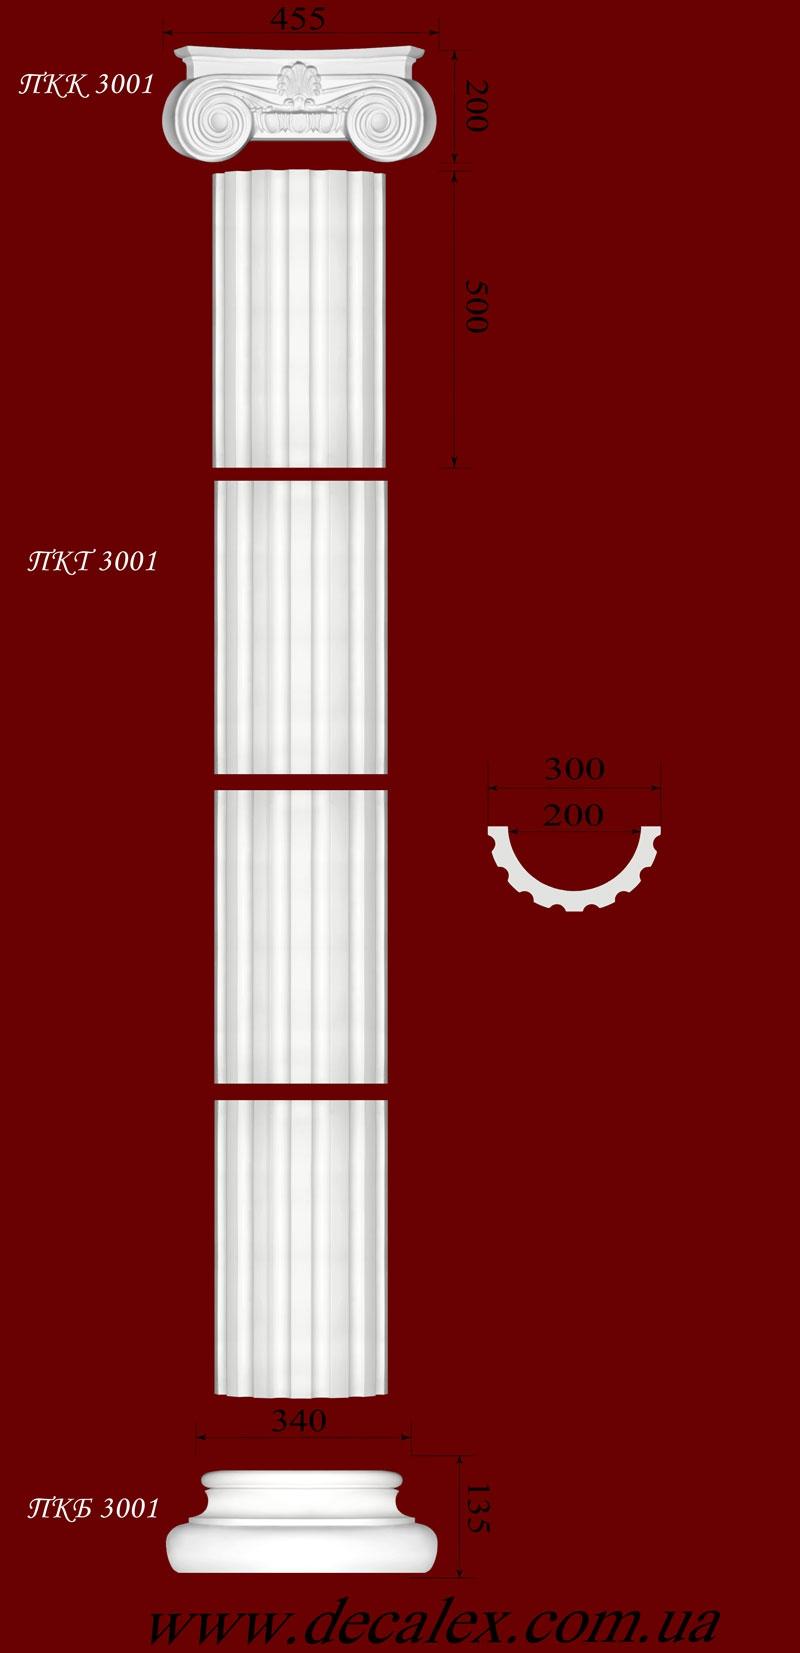 Комплект полуколонны наружным диаметром тела 300 мм: полукапитель (1шт.), тело полуколонны (4шт.), полубаза из гипса (1шт.).Розничная цена элементов составляет 3150 грн.